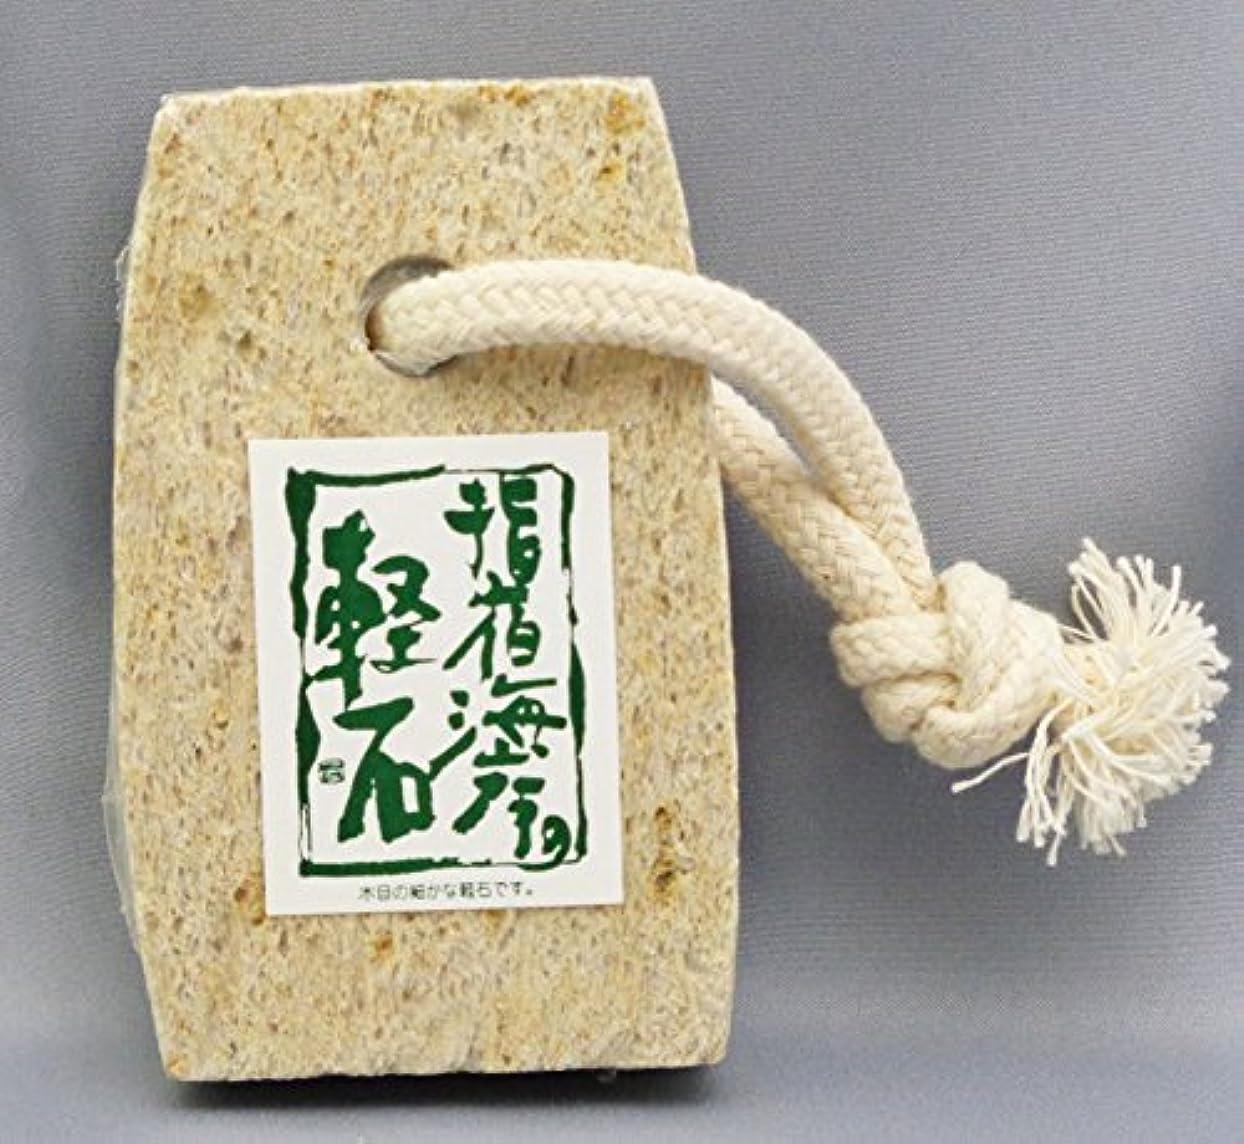 タイトル動揺させる薄汚いシオザキ No.3 中判軽石 (ヒモ付き)指宿の軽石